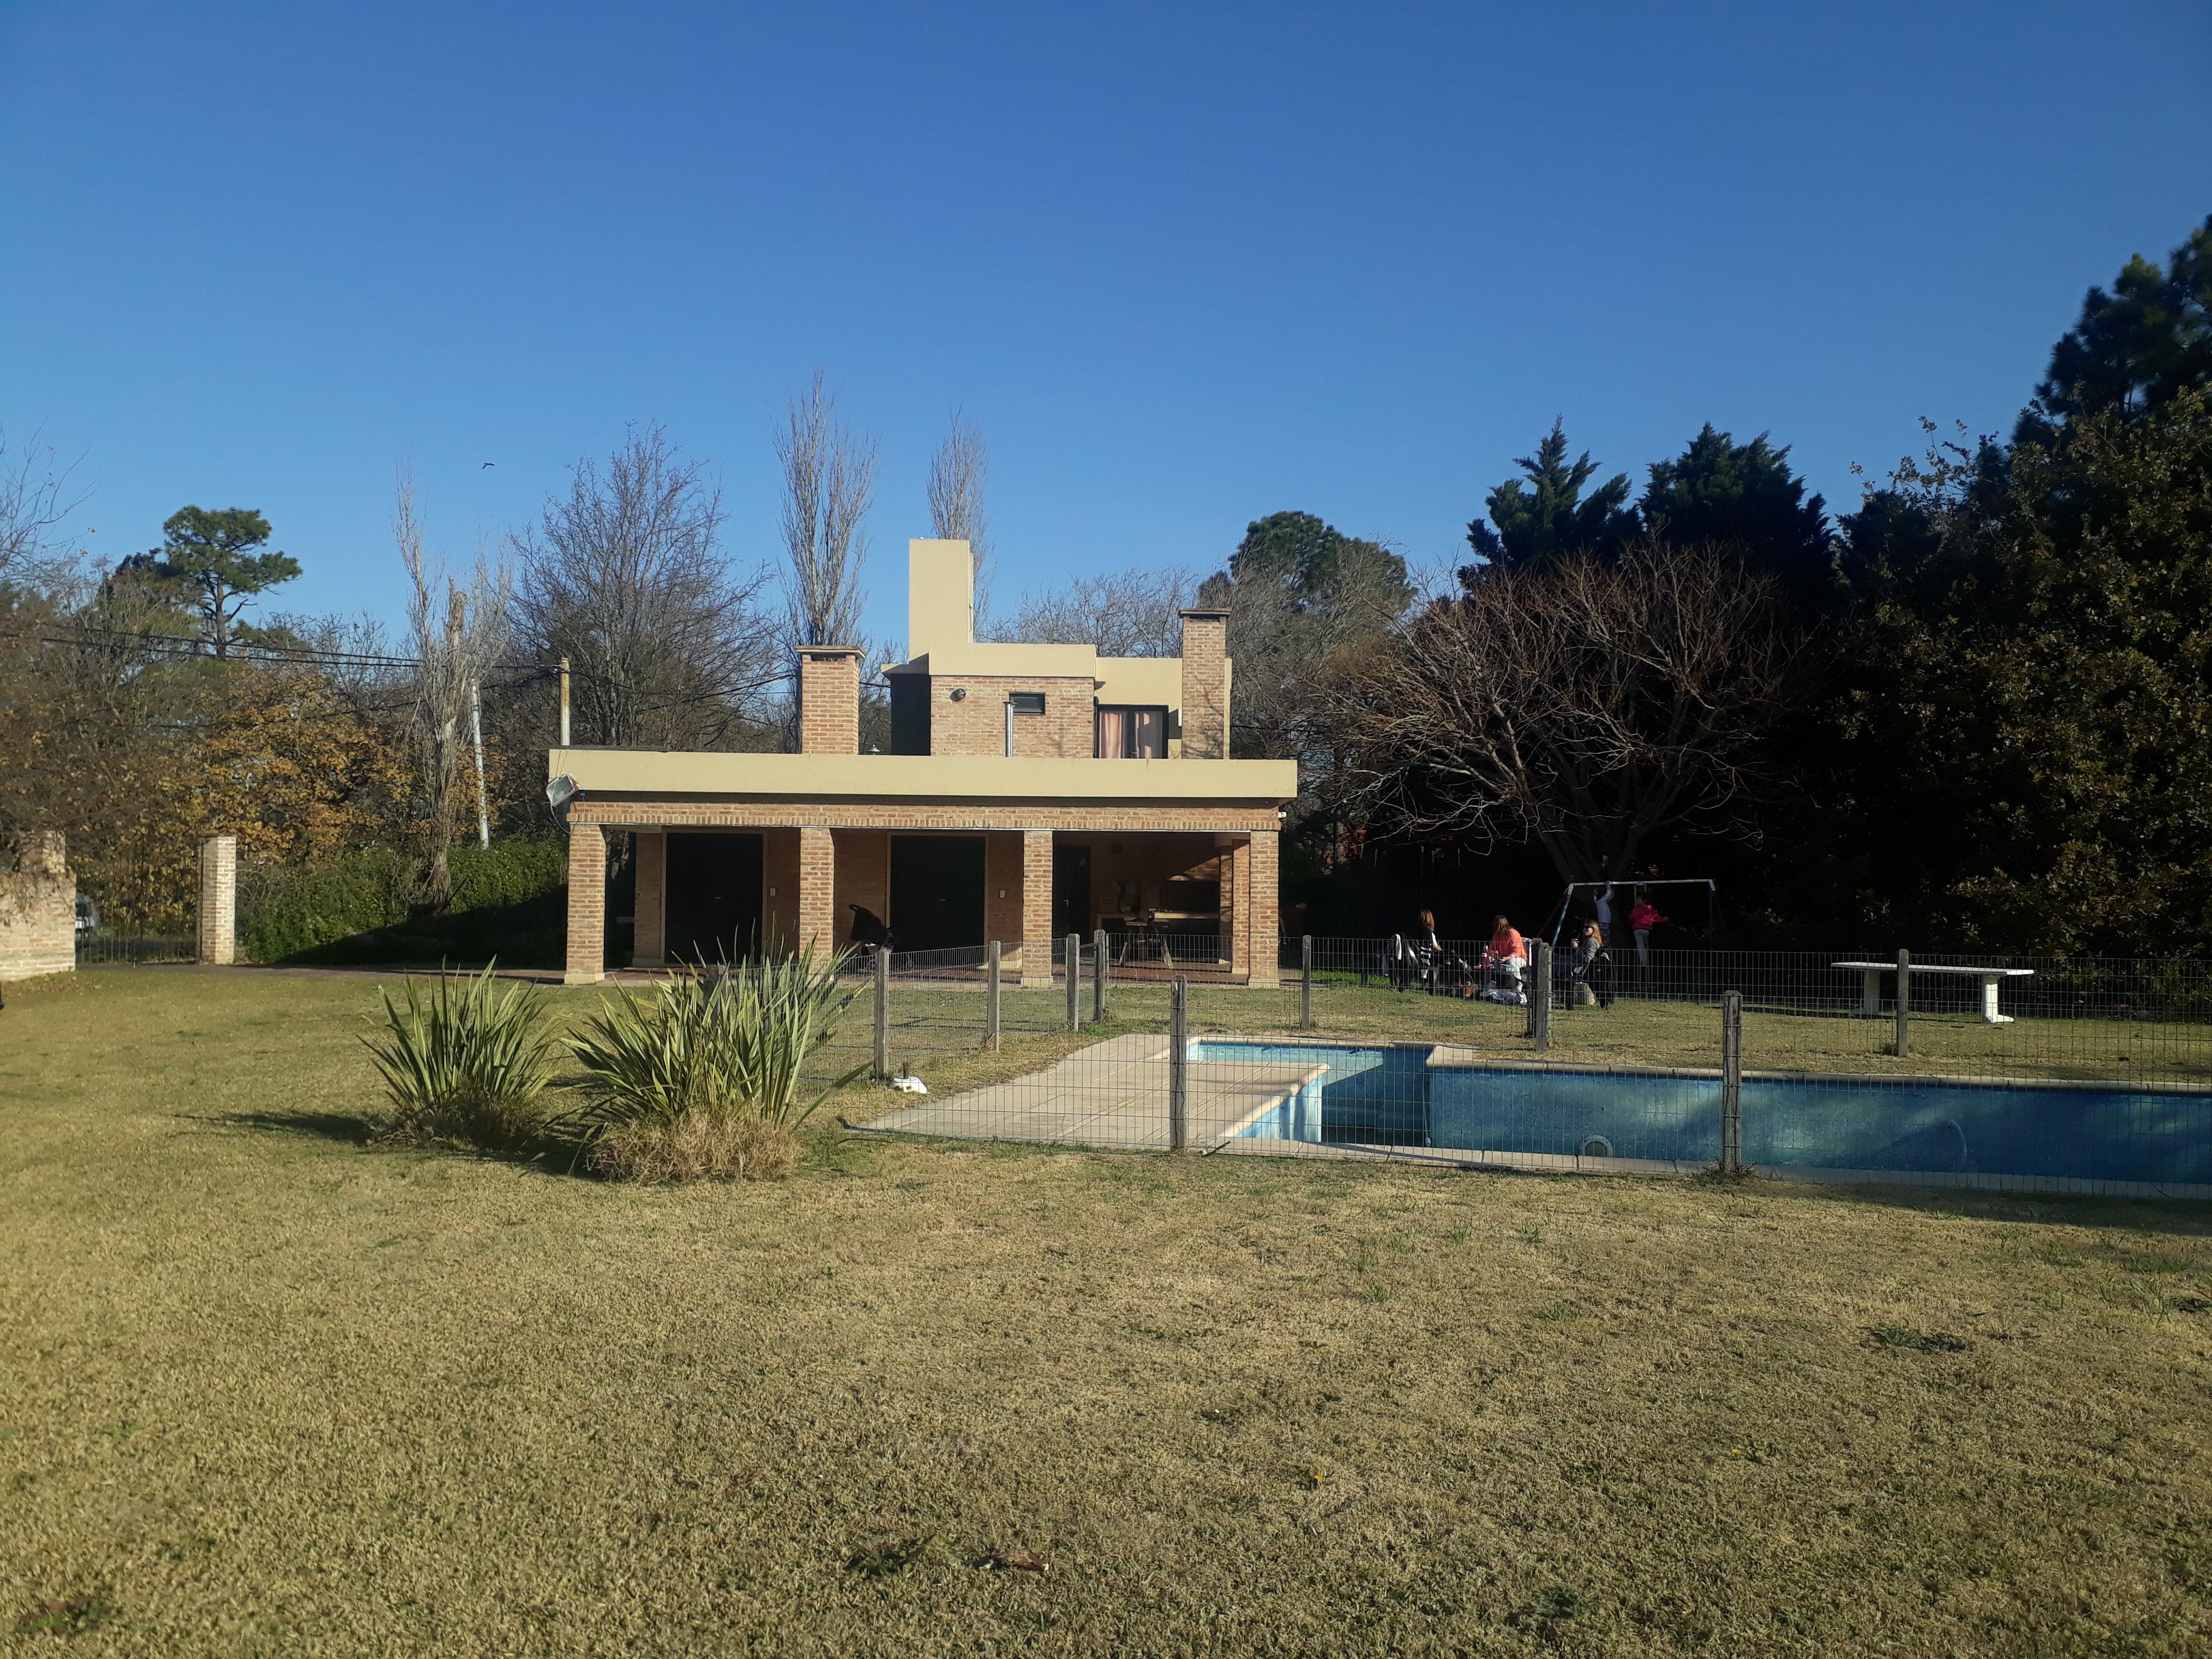 Los Jacarandaes y Los Fresnos - Gaggiotti Inmobiliaria cuenta con más de 50 años desde que se inicio en el negocio de los servicios inmobiliarios.